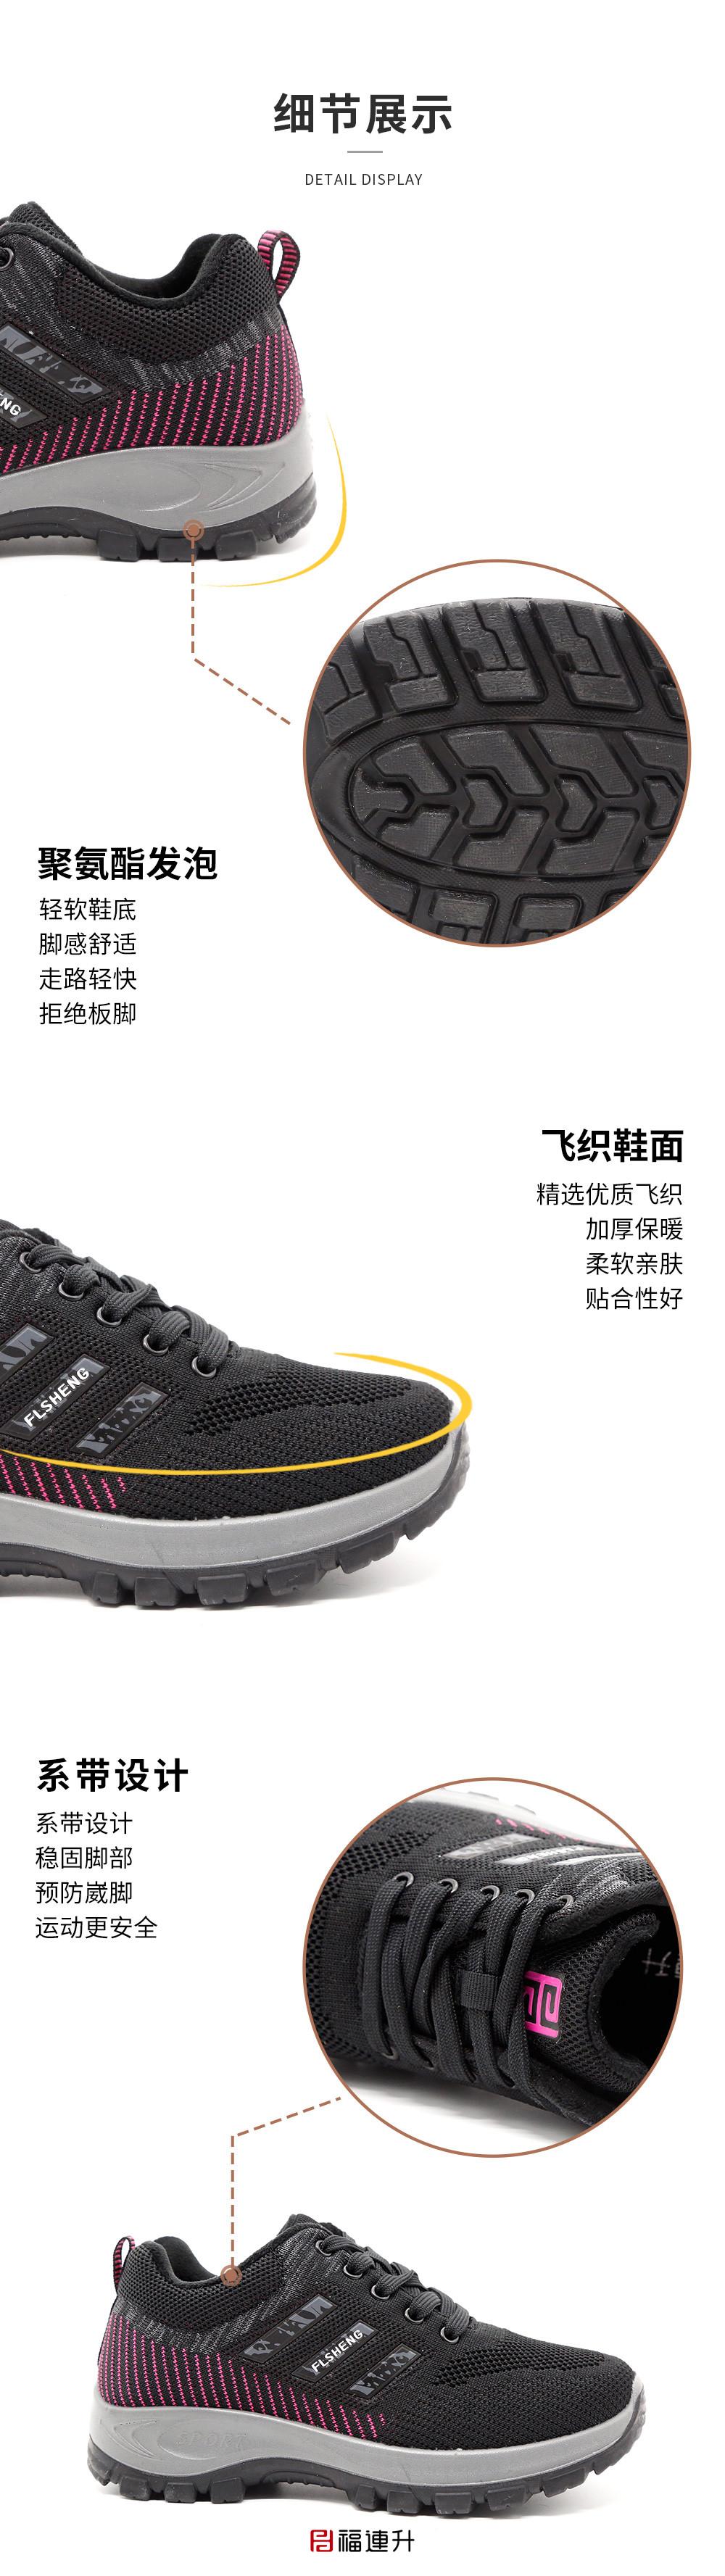 福连升2020冬老北京布鞋女防滑软底中老年人健步鞋舒适妈妈运动旅游鞋图片